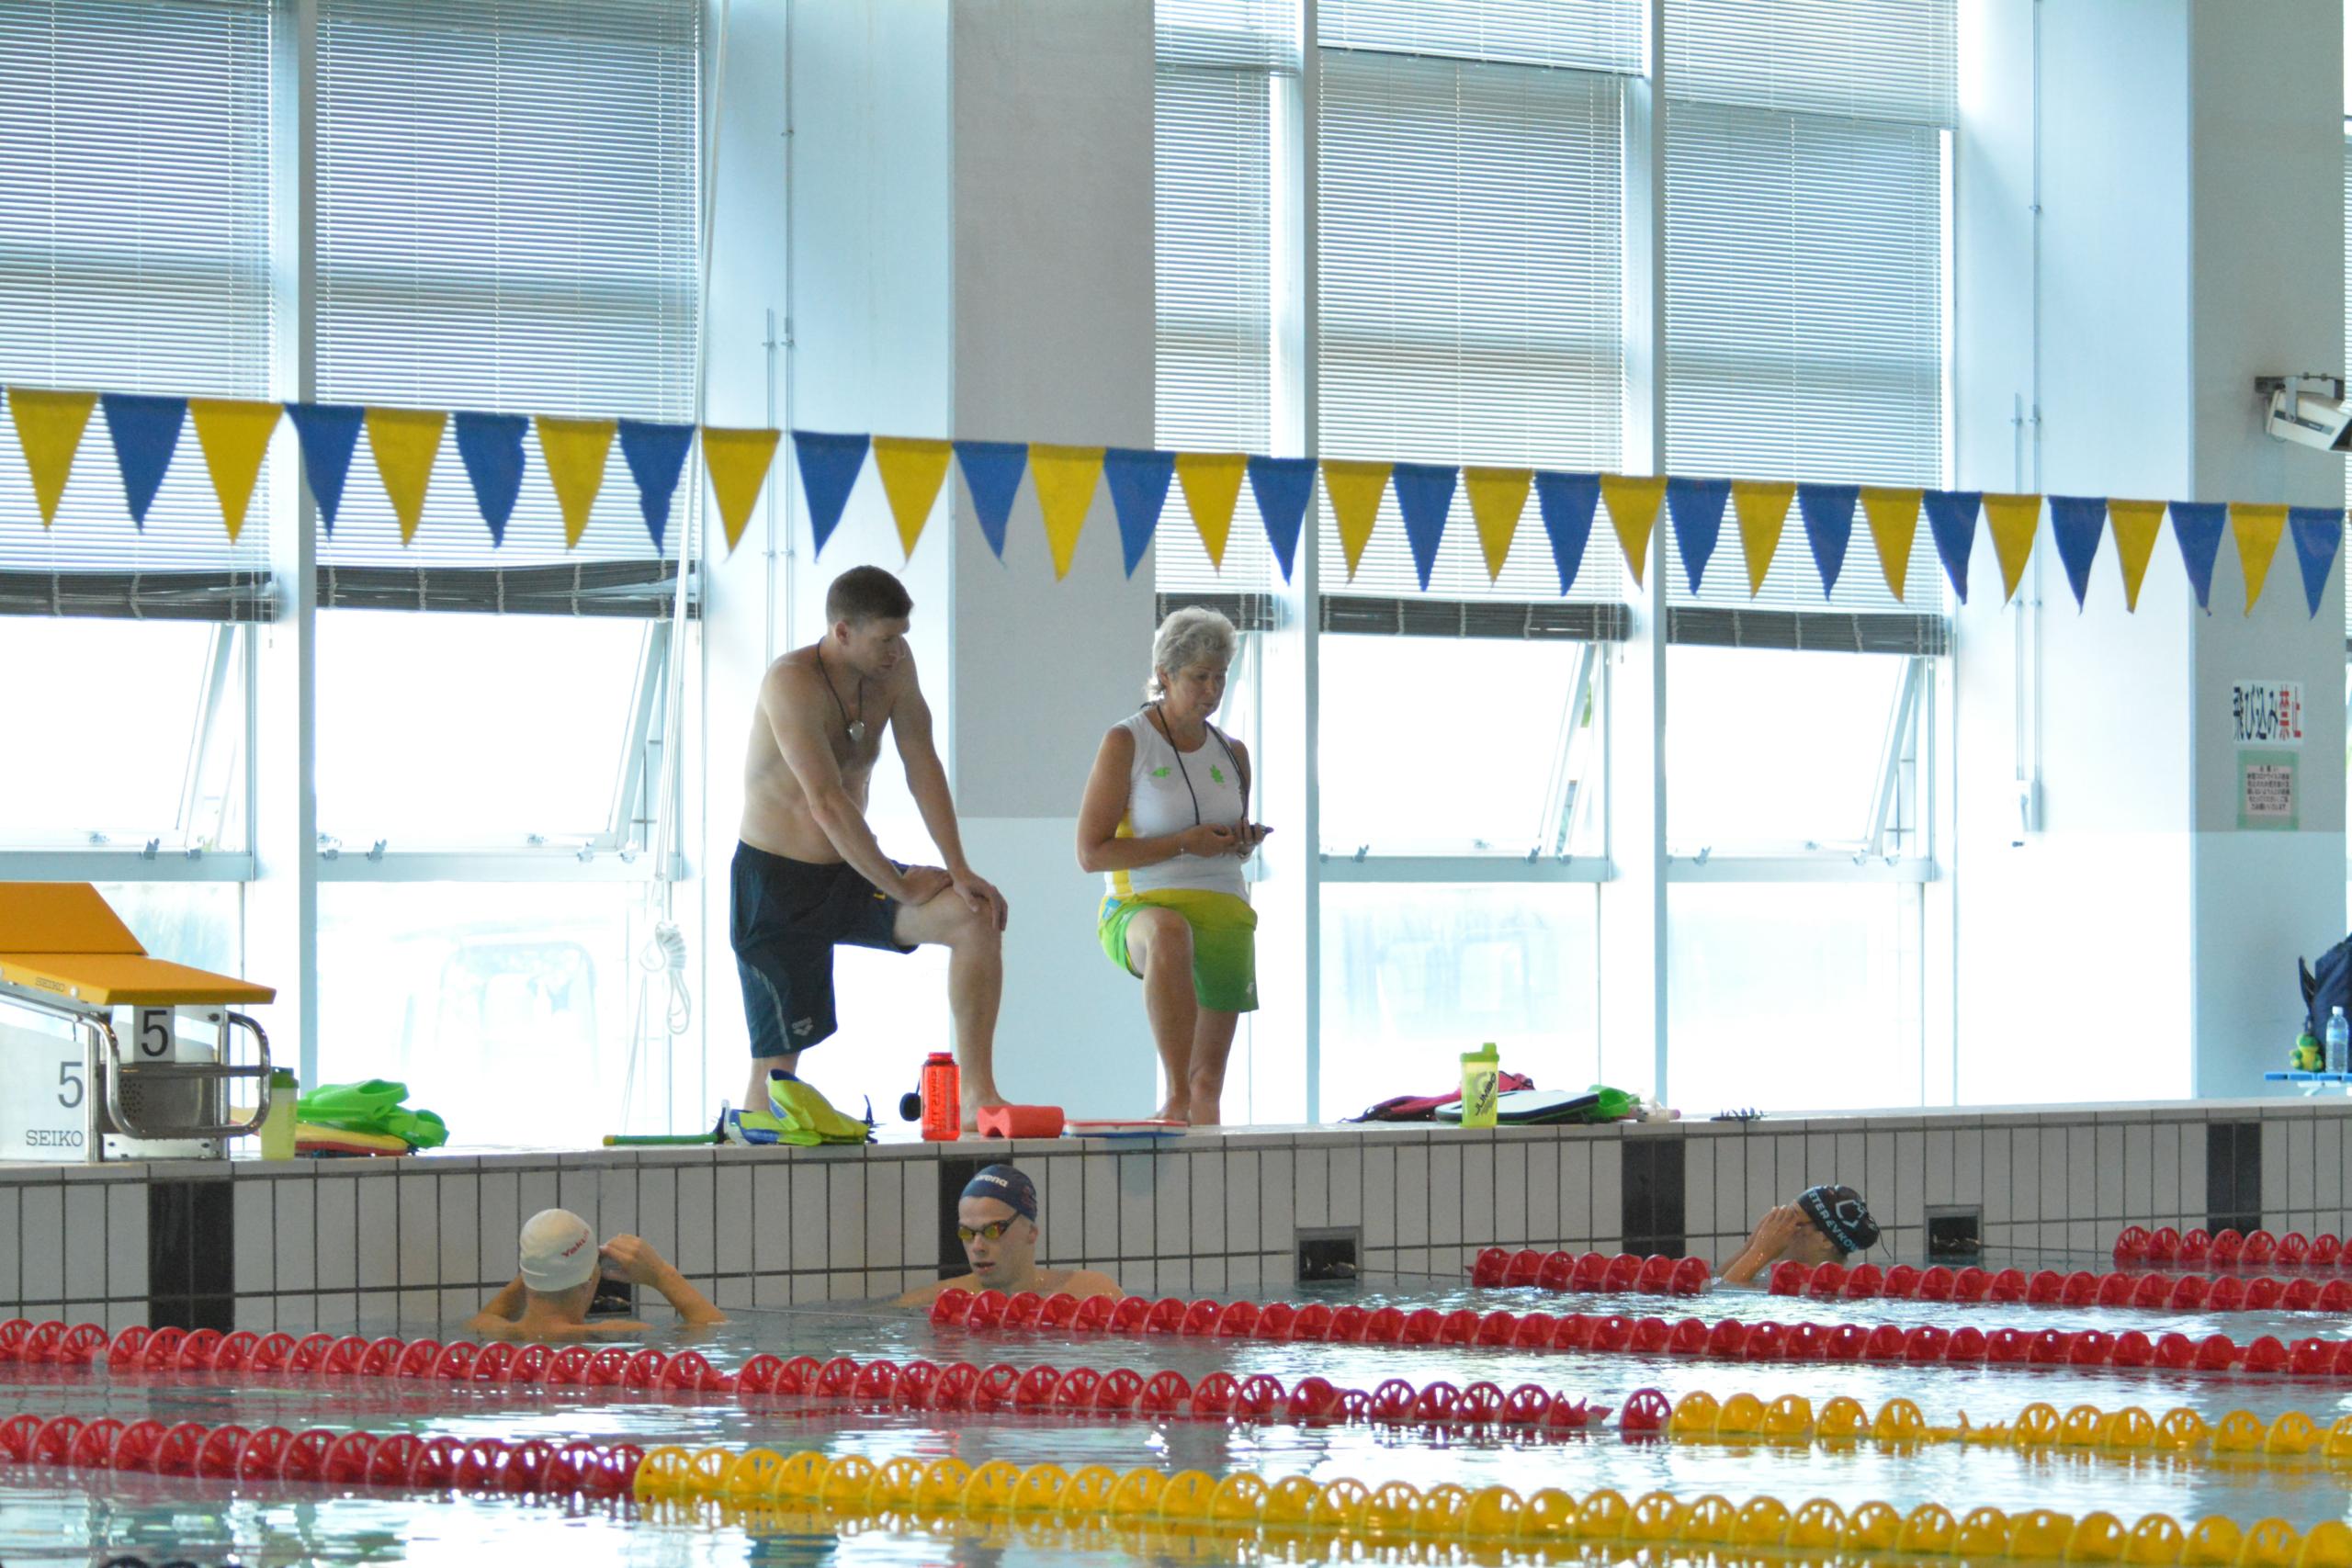 Lietuvos plaukikai Hiracukos sporto bazėje.